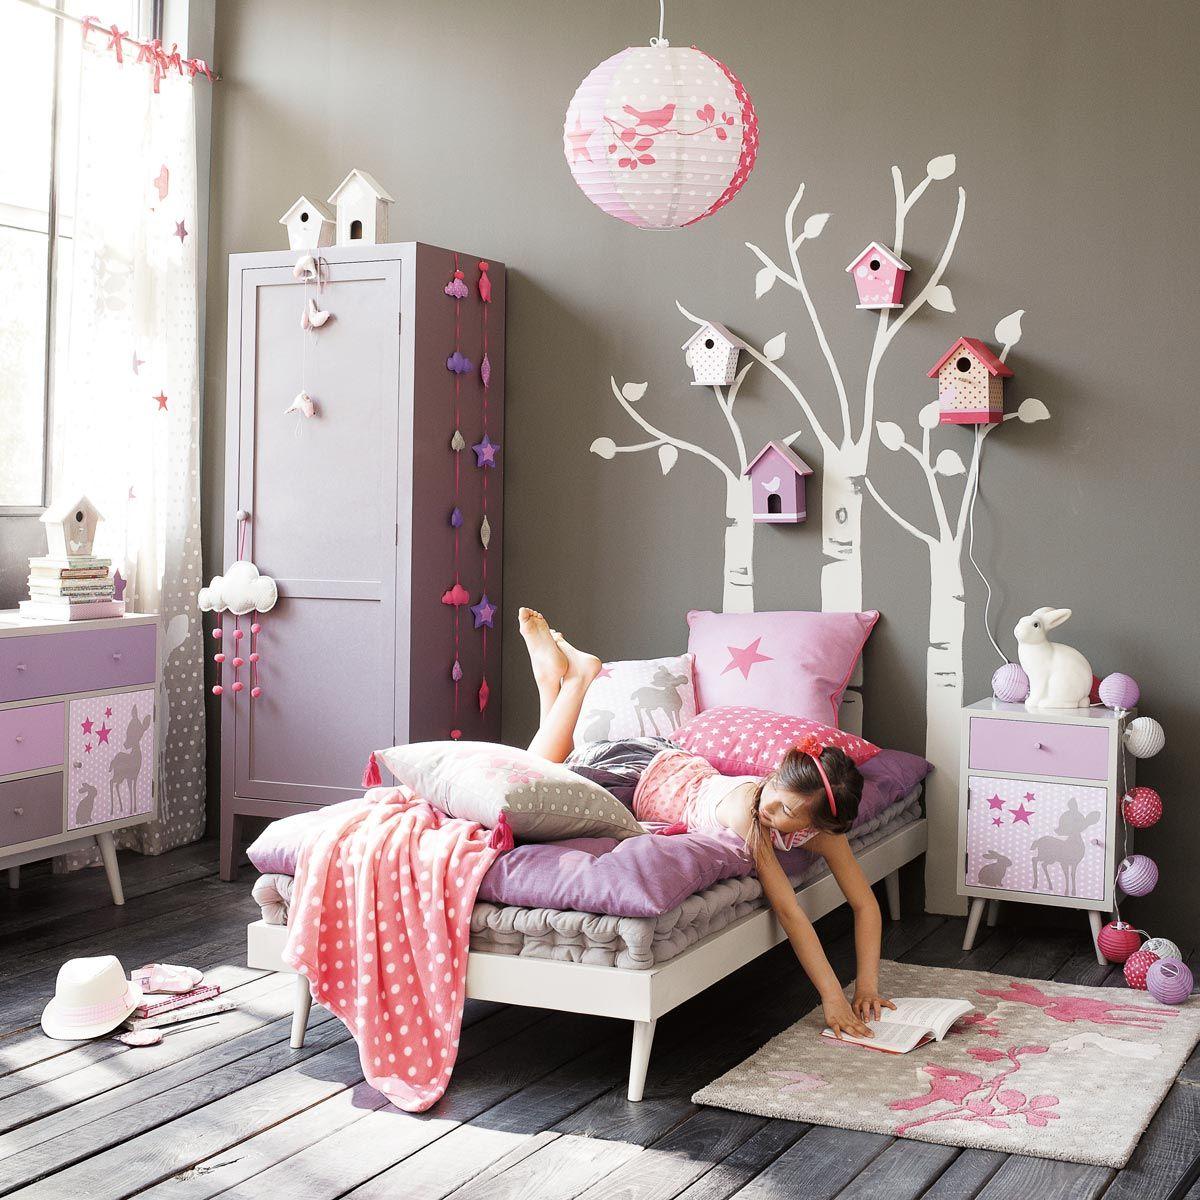 Kinder | Décoration chambre petite fille, Deco chambre fille ...